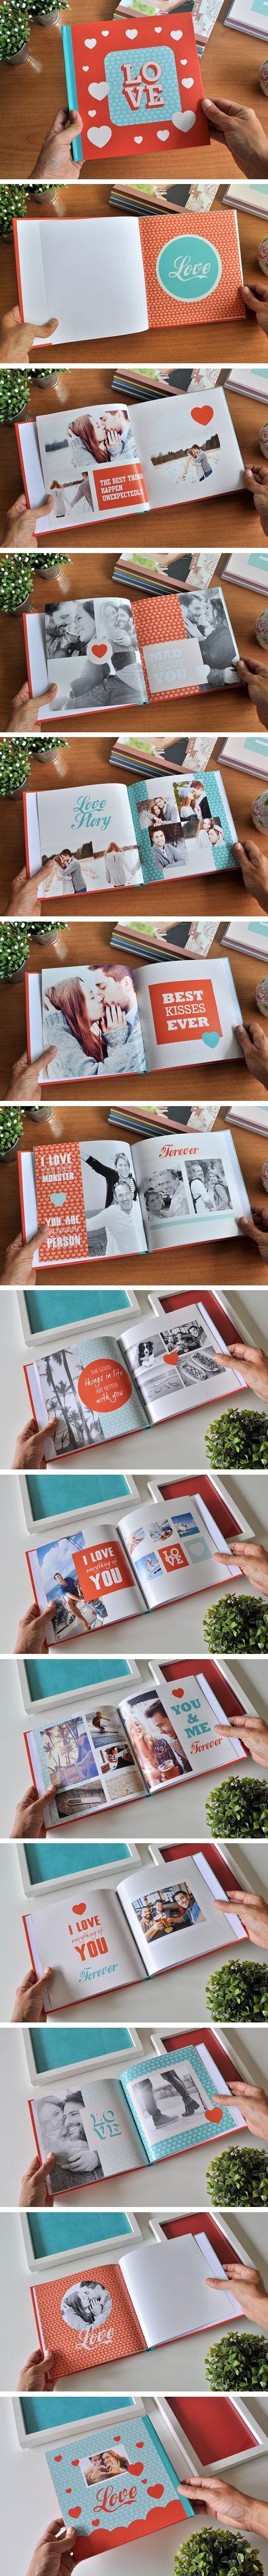 """""""Love"""" es un fotolibro ideal para hacer un regalo original para San Valentín, Día de los Enamorados o Aniversarios. Está diseñado en formato 21 x 21 cm con tapa dura con 22 páginas y ya está listo para que puedas descargarlo y completarlo con tus propias fotos."""